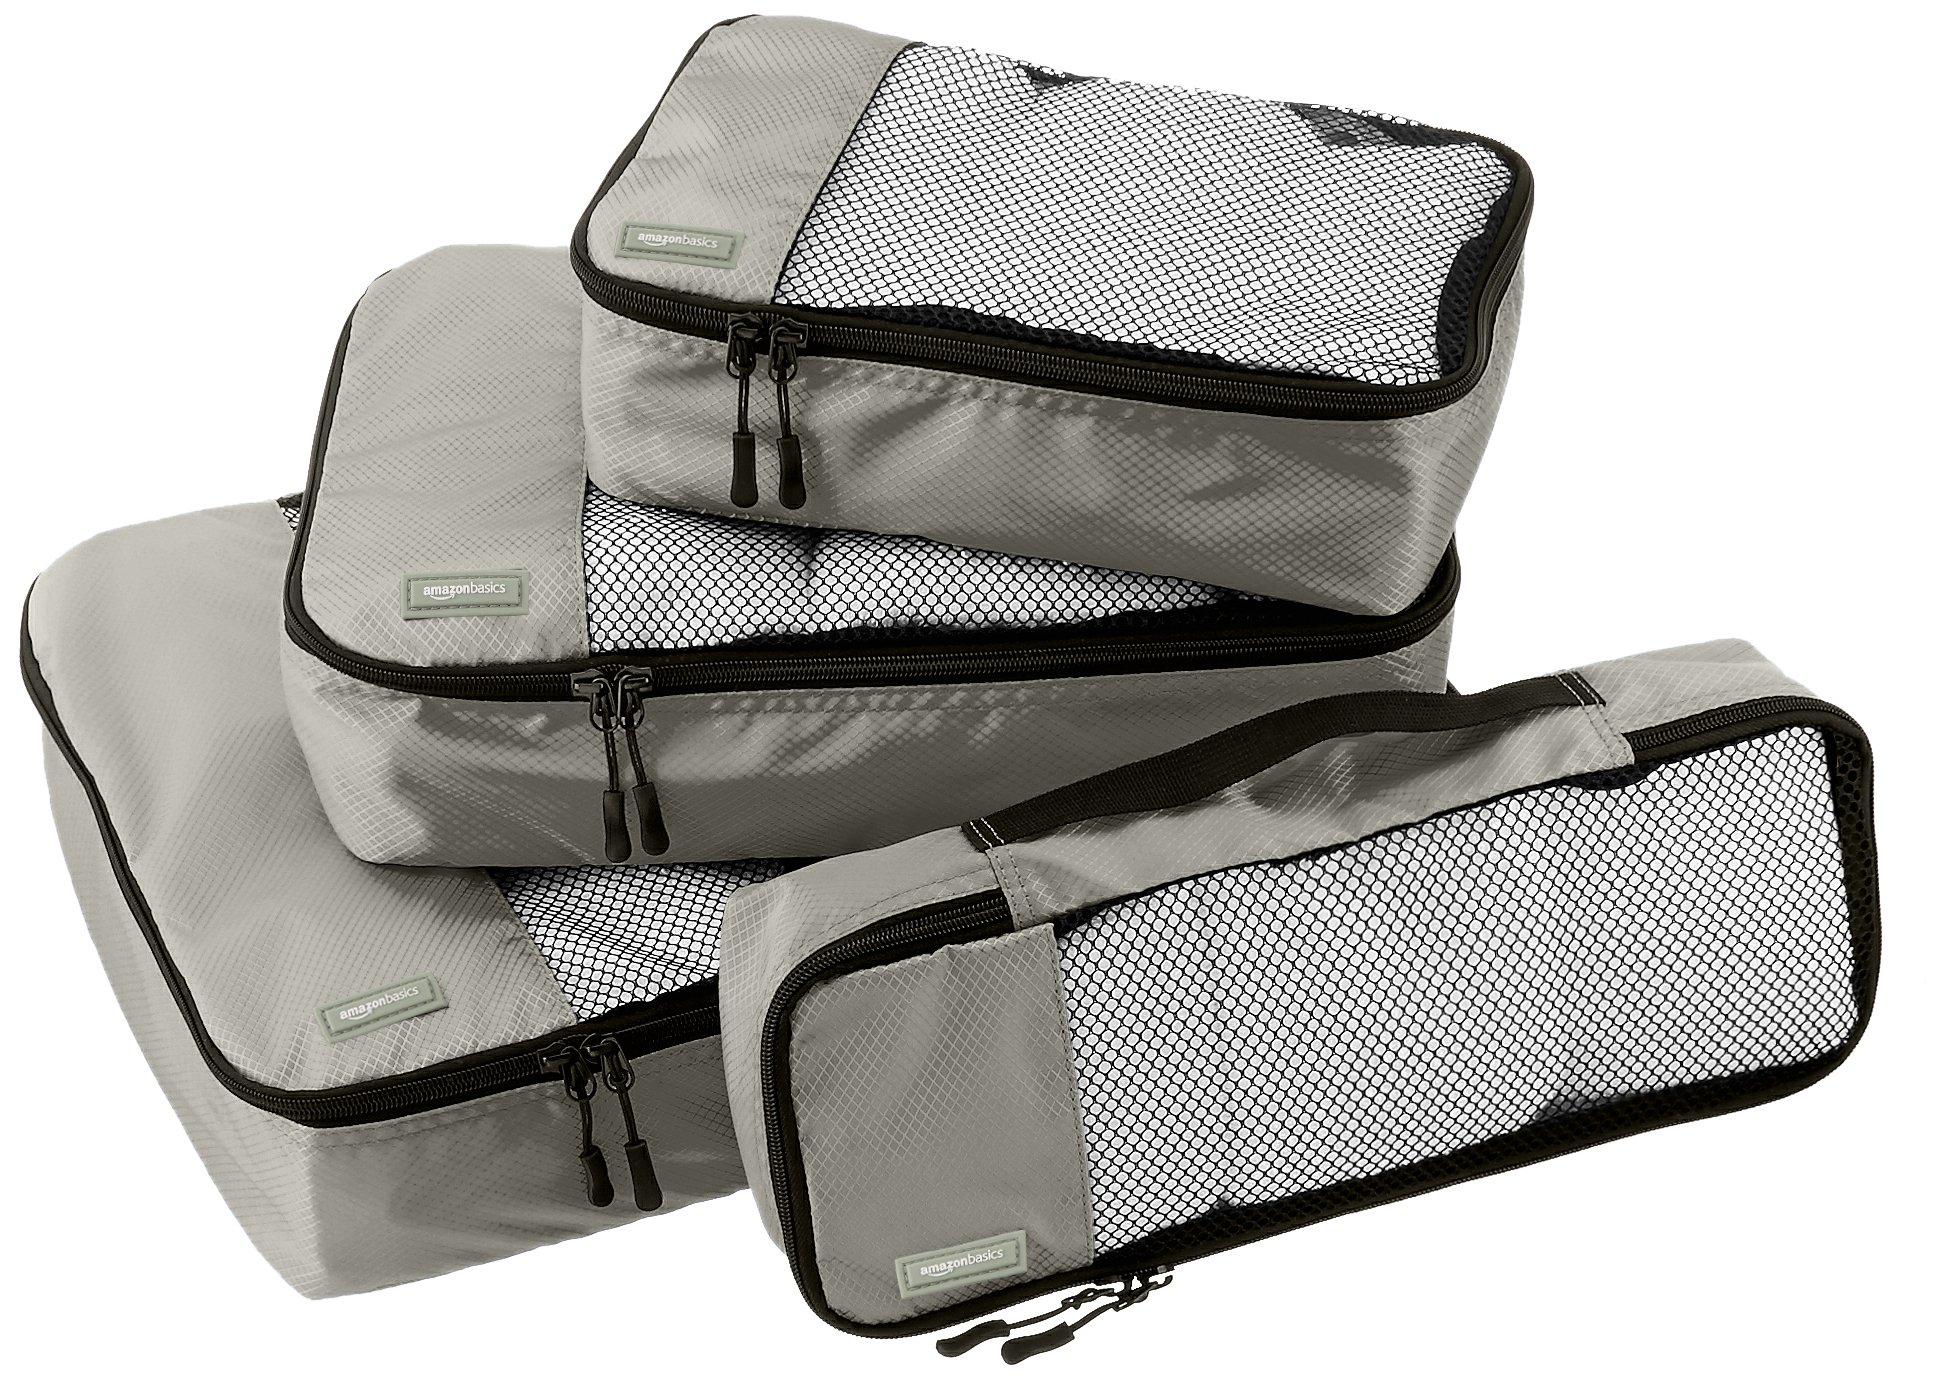 AmazonBasics 4 Piece Packing Travel Organizer Cubes Set - Grey by AmazonBasics